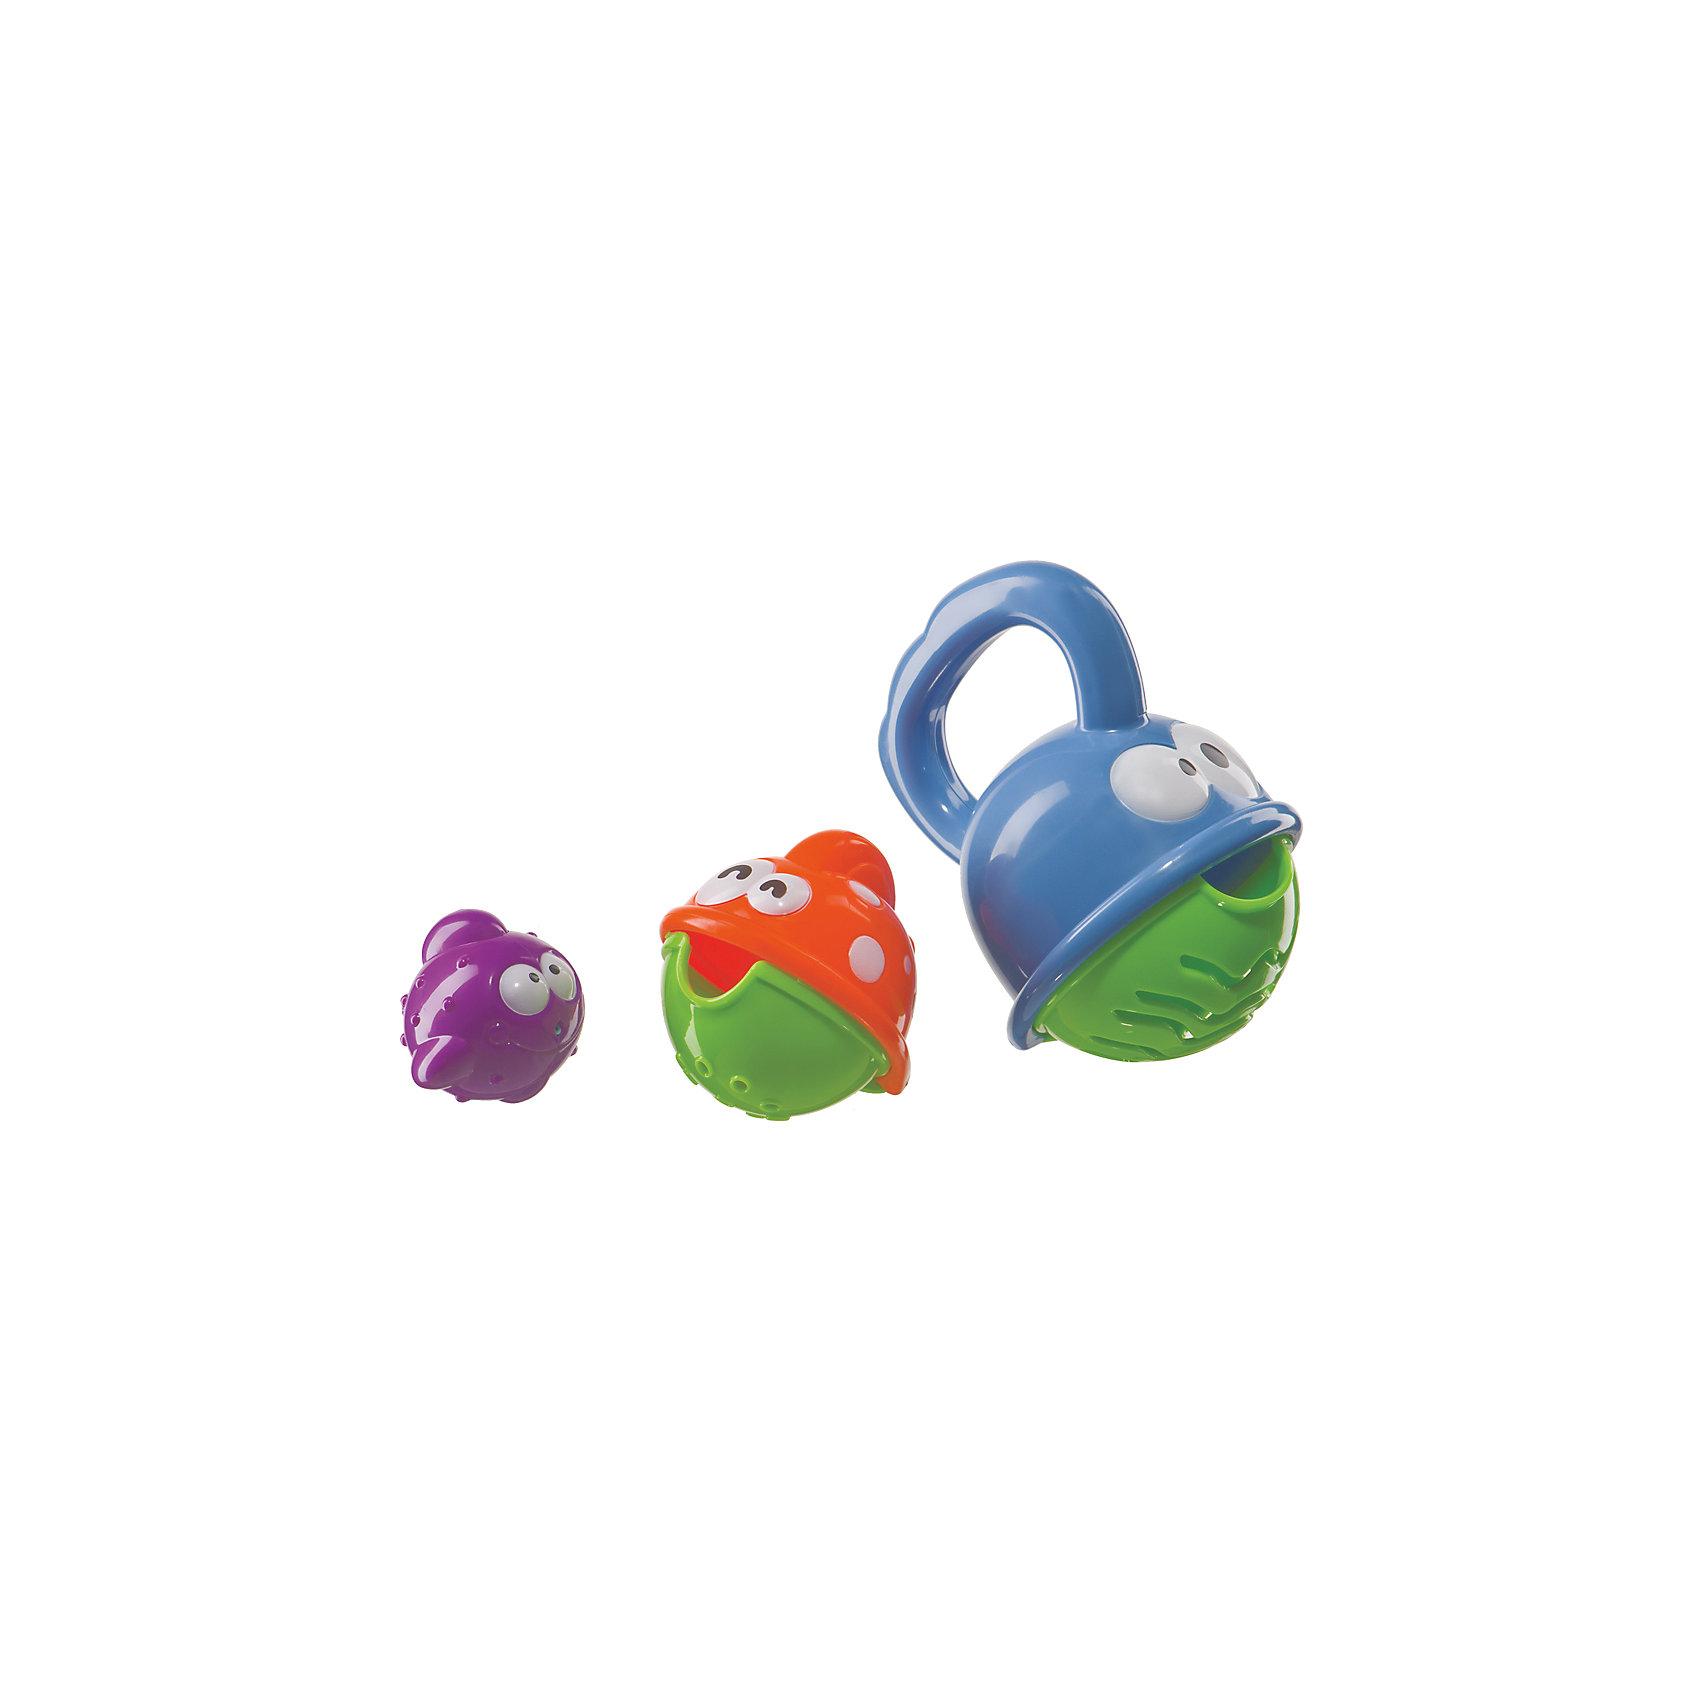 Игрушка для ванной FISHERY, Happy BabyИгрушки для ванной<br>Характеристики:<br><br>• Предназначение: для игр в ванной, для развивающих игр<br>• Пол: универсальный<br>• Материал: пластик <br>• Комплектация: три рыбки разного размера и цвета<br>• Вес: 126 г<br>• Размеры упаковки (Д*В*Ш): 14,5*24*6 см<br>• Упаковка: блистер на картоне<br>• Особенности ухода: можно мыть в теплой мыльной воде<br><br>Игрушка для ванной FISHERY, Happy Baby – это многофункциональная игрушка, предназначенная для игр с водой или песком, а также для развивающих занятий. Набор состоит из трех рыбок в форме шаров, на брюшках у которых разные формы отверстий. Игрушка выполнены из безопасного пластика ярких цветов. <br><br>С помощью этого набора ребенок может познакомиться со таким свойством воды, как текучесть. Изучить цвета или значение больше-меньше. Игрушки можно собирать по типу матрешки: одна в другую. Самую маленькую рыбку можно использовать в качестве брызгалки. С игрушкой для ванной FISHERY, Happy Baby купание вашего малыша будет не только приятным и увлекательным, но и познавательным времяпрепровождением.<br><br>Игрушку для ванной FISHERY, Happy Baby можно купить в нашем интернет-магазине.<br><br>Ширина мм: 65<br>Глубина мм: 145<br>Высота мм: 245<br>Вес г: 126<br>Возраст от месяцев: 3<br>Возраст до месяцев: 36<br>Пол: Унисекс<br>Возраст: Детский<br>SKU: 5345684